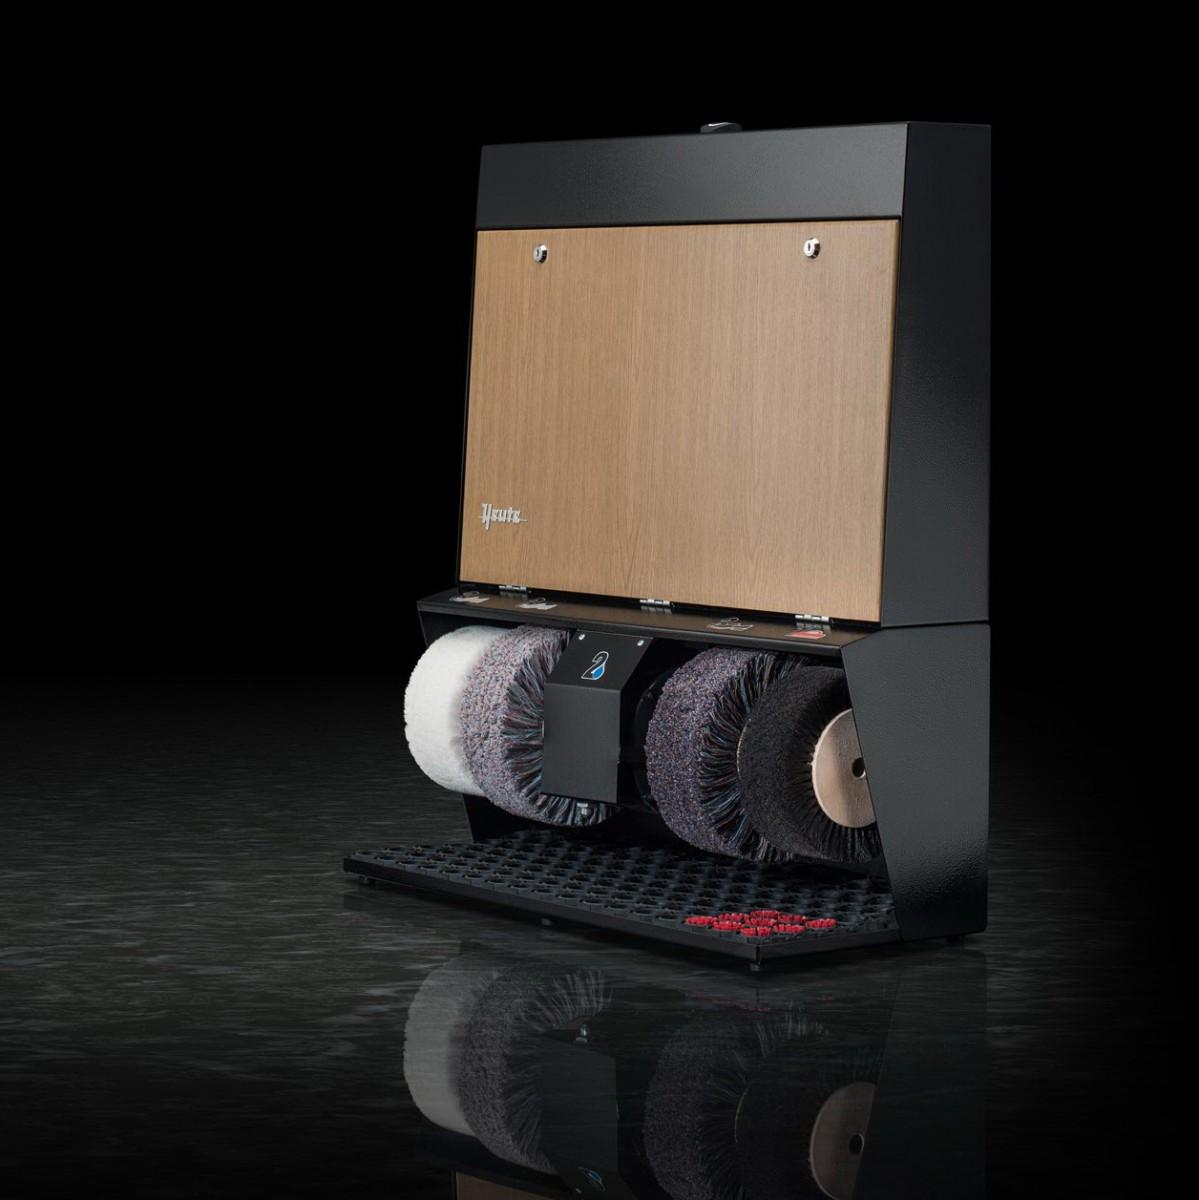 Машинка для чистки обуви Heute Polifix 4 Super